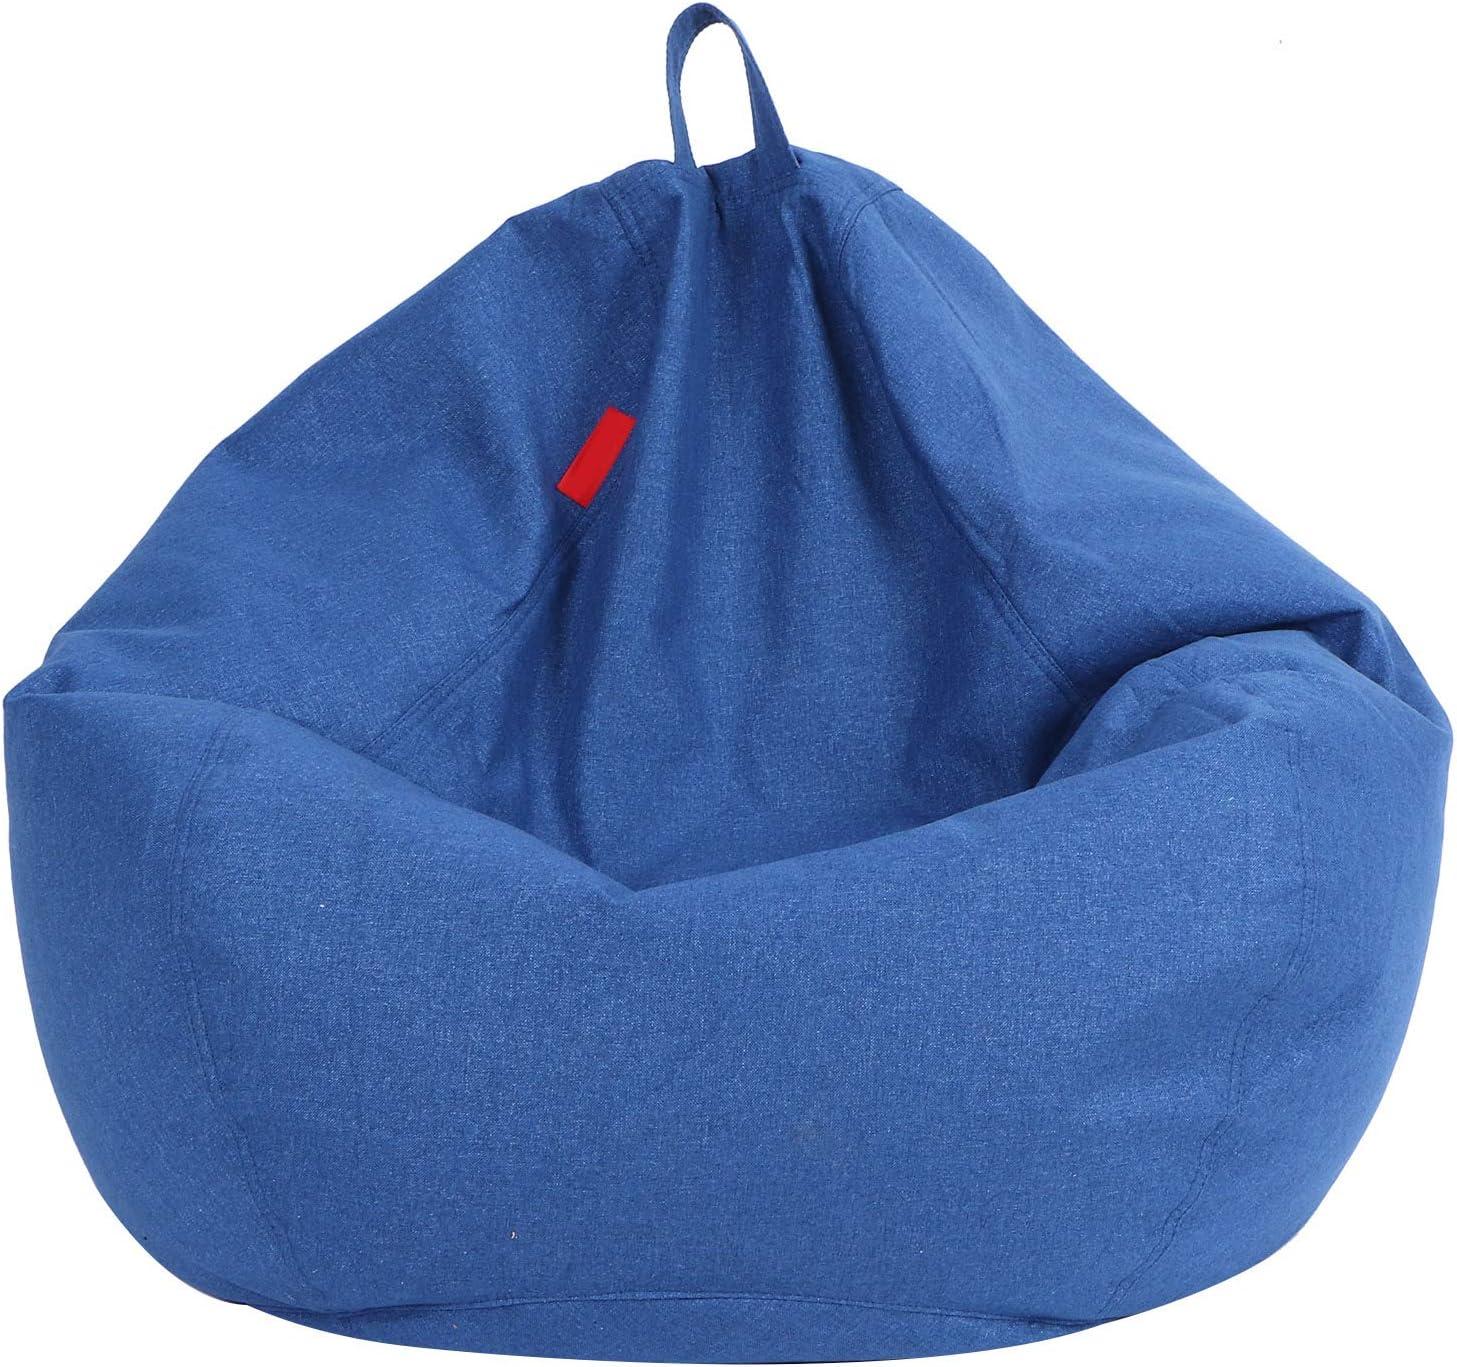 Jiawu Leisure Sofa Portable Max 59% OFF Chair Bean Bag Strong Mail order